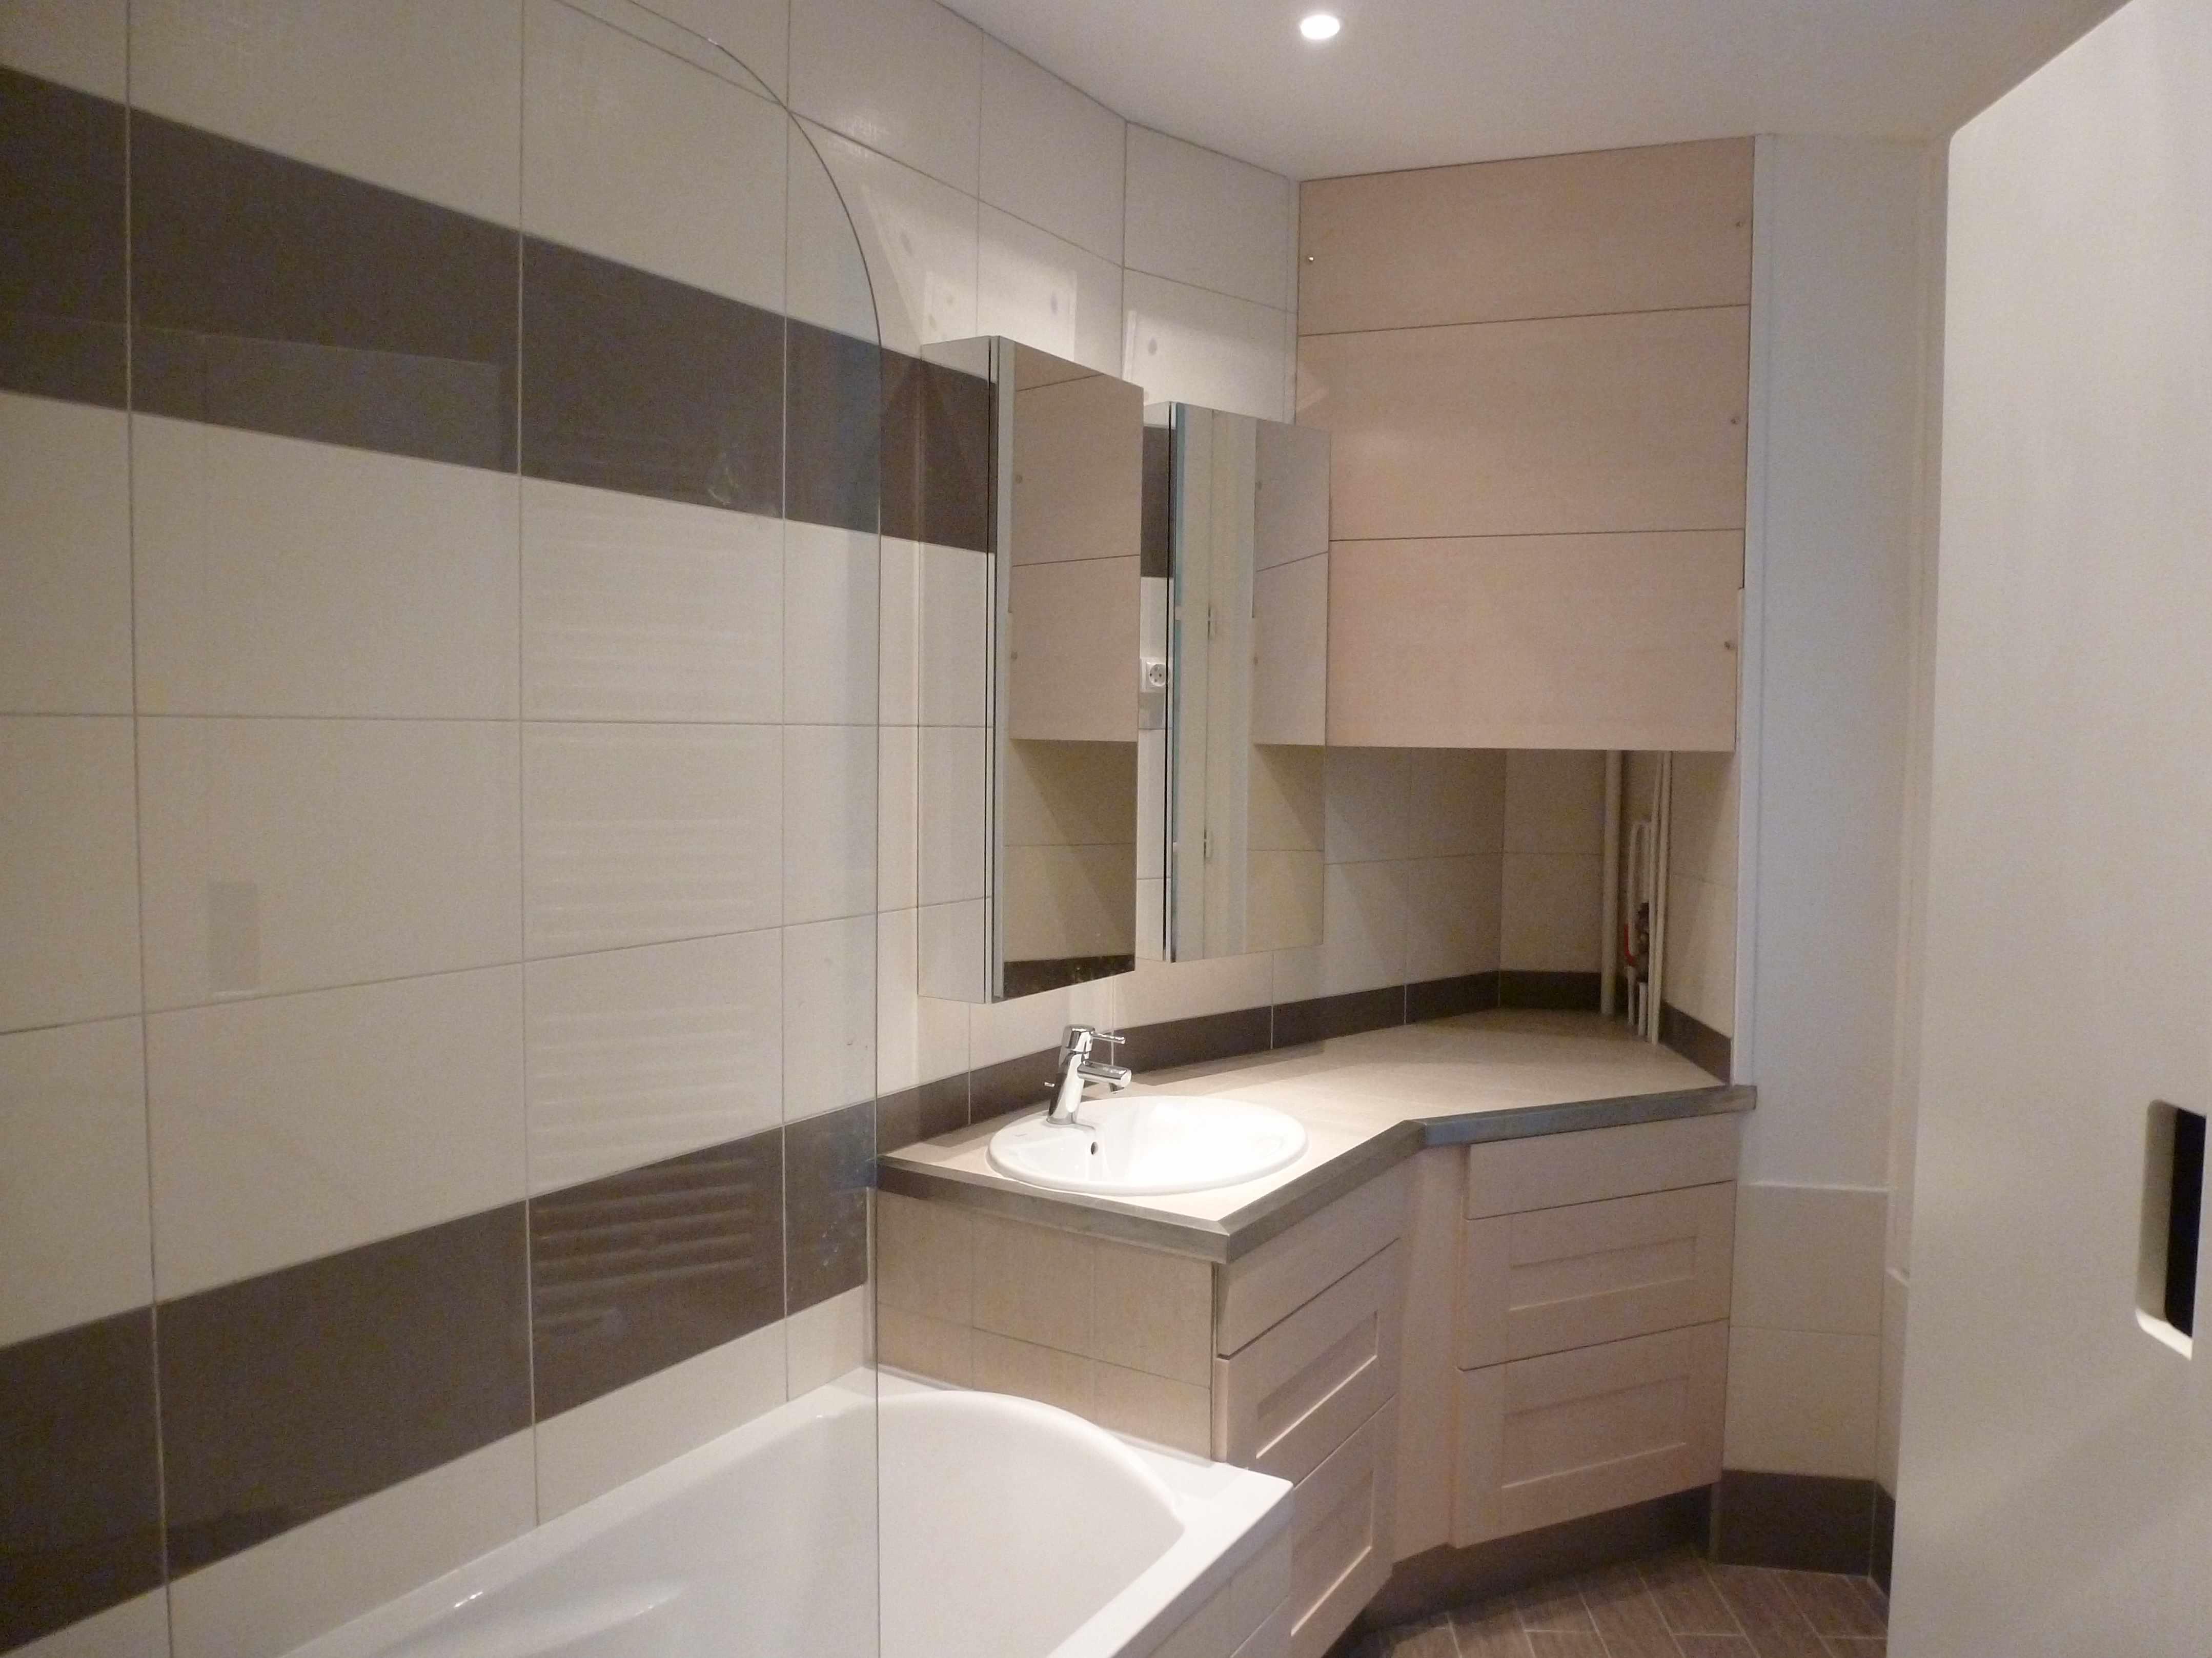 1 an, 3 salles de bain (2) : brun et blanc